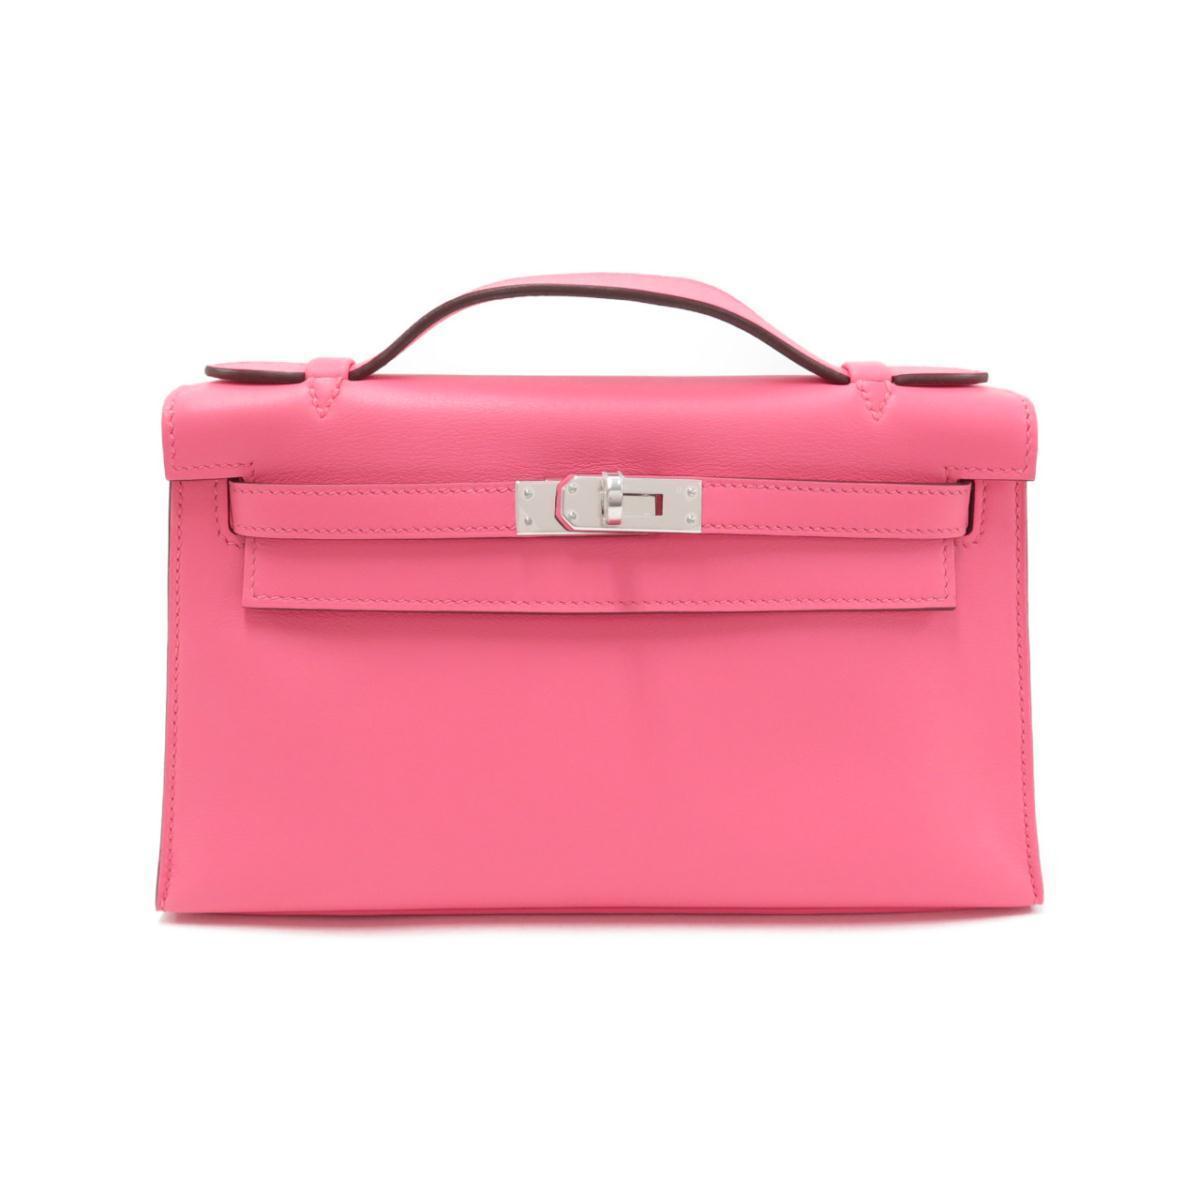 エルメスのピンクのバッグ